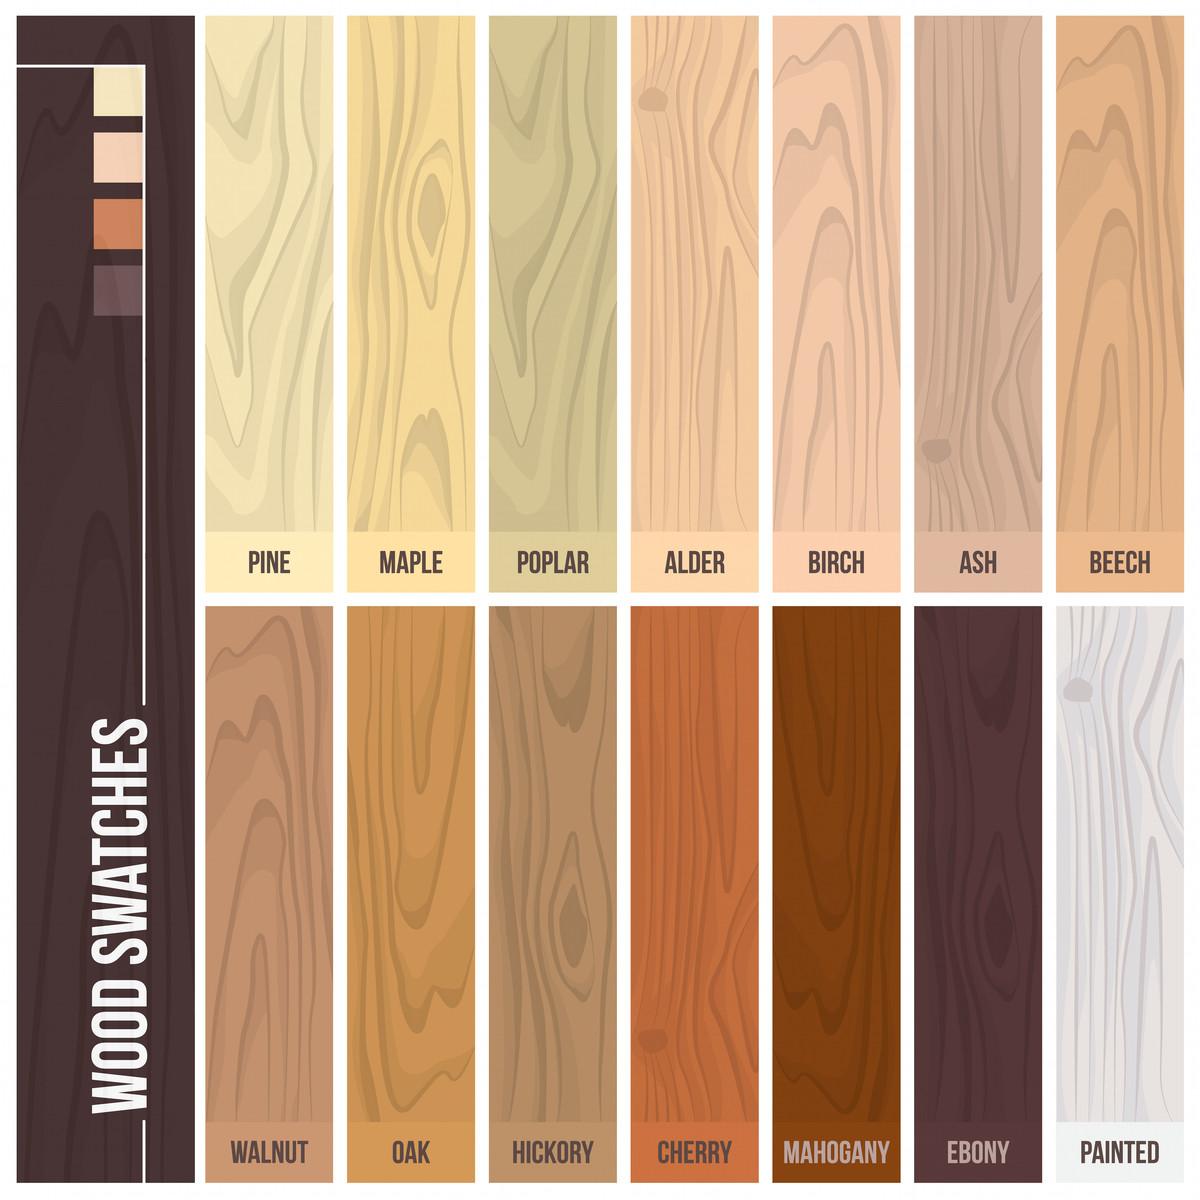 glue nail or float hardwood floor of 12 types of hardwood flooring species styles edging dimensions in types of hardwood flooring illustrated guide